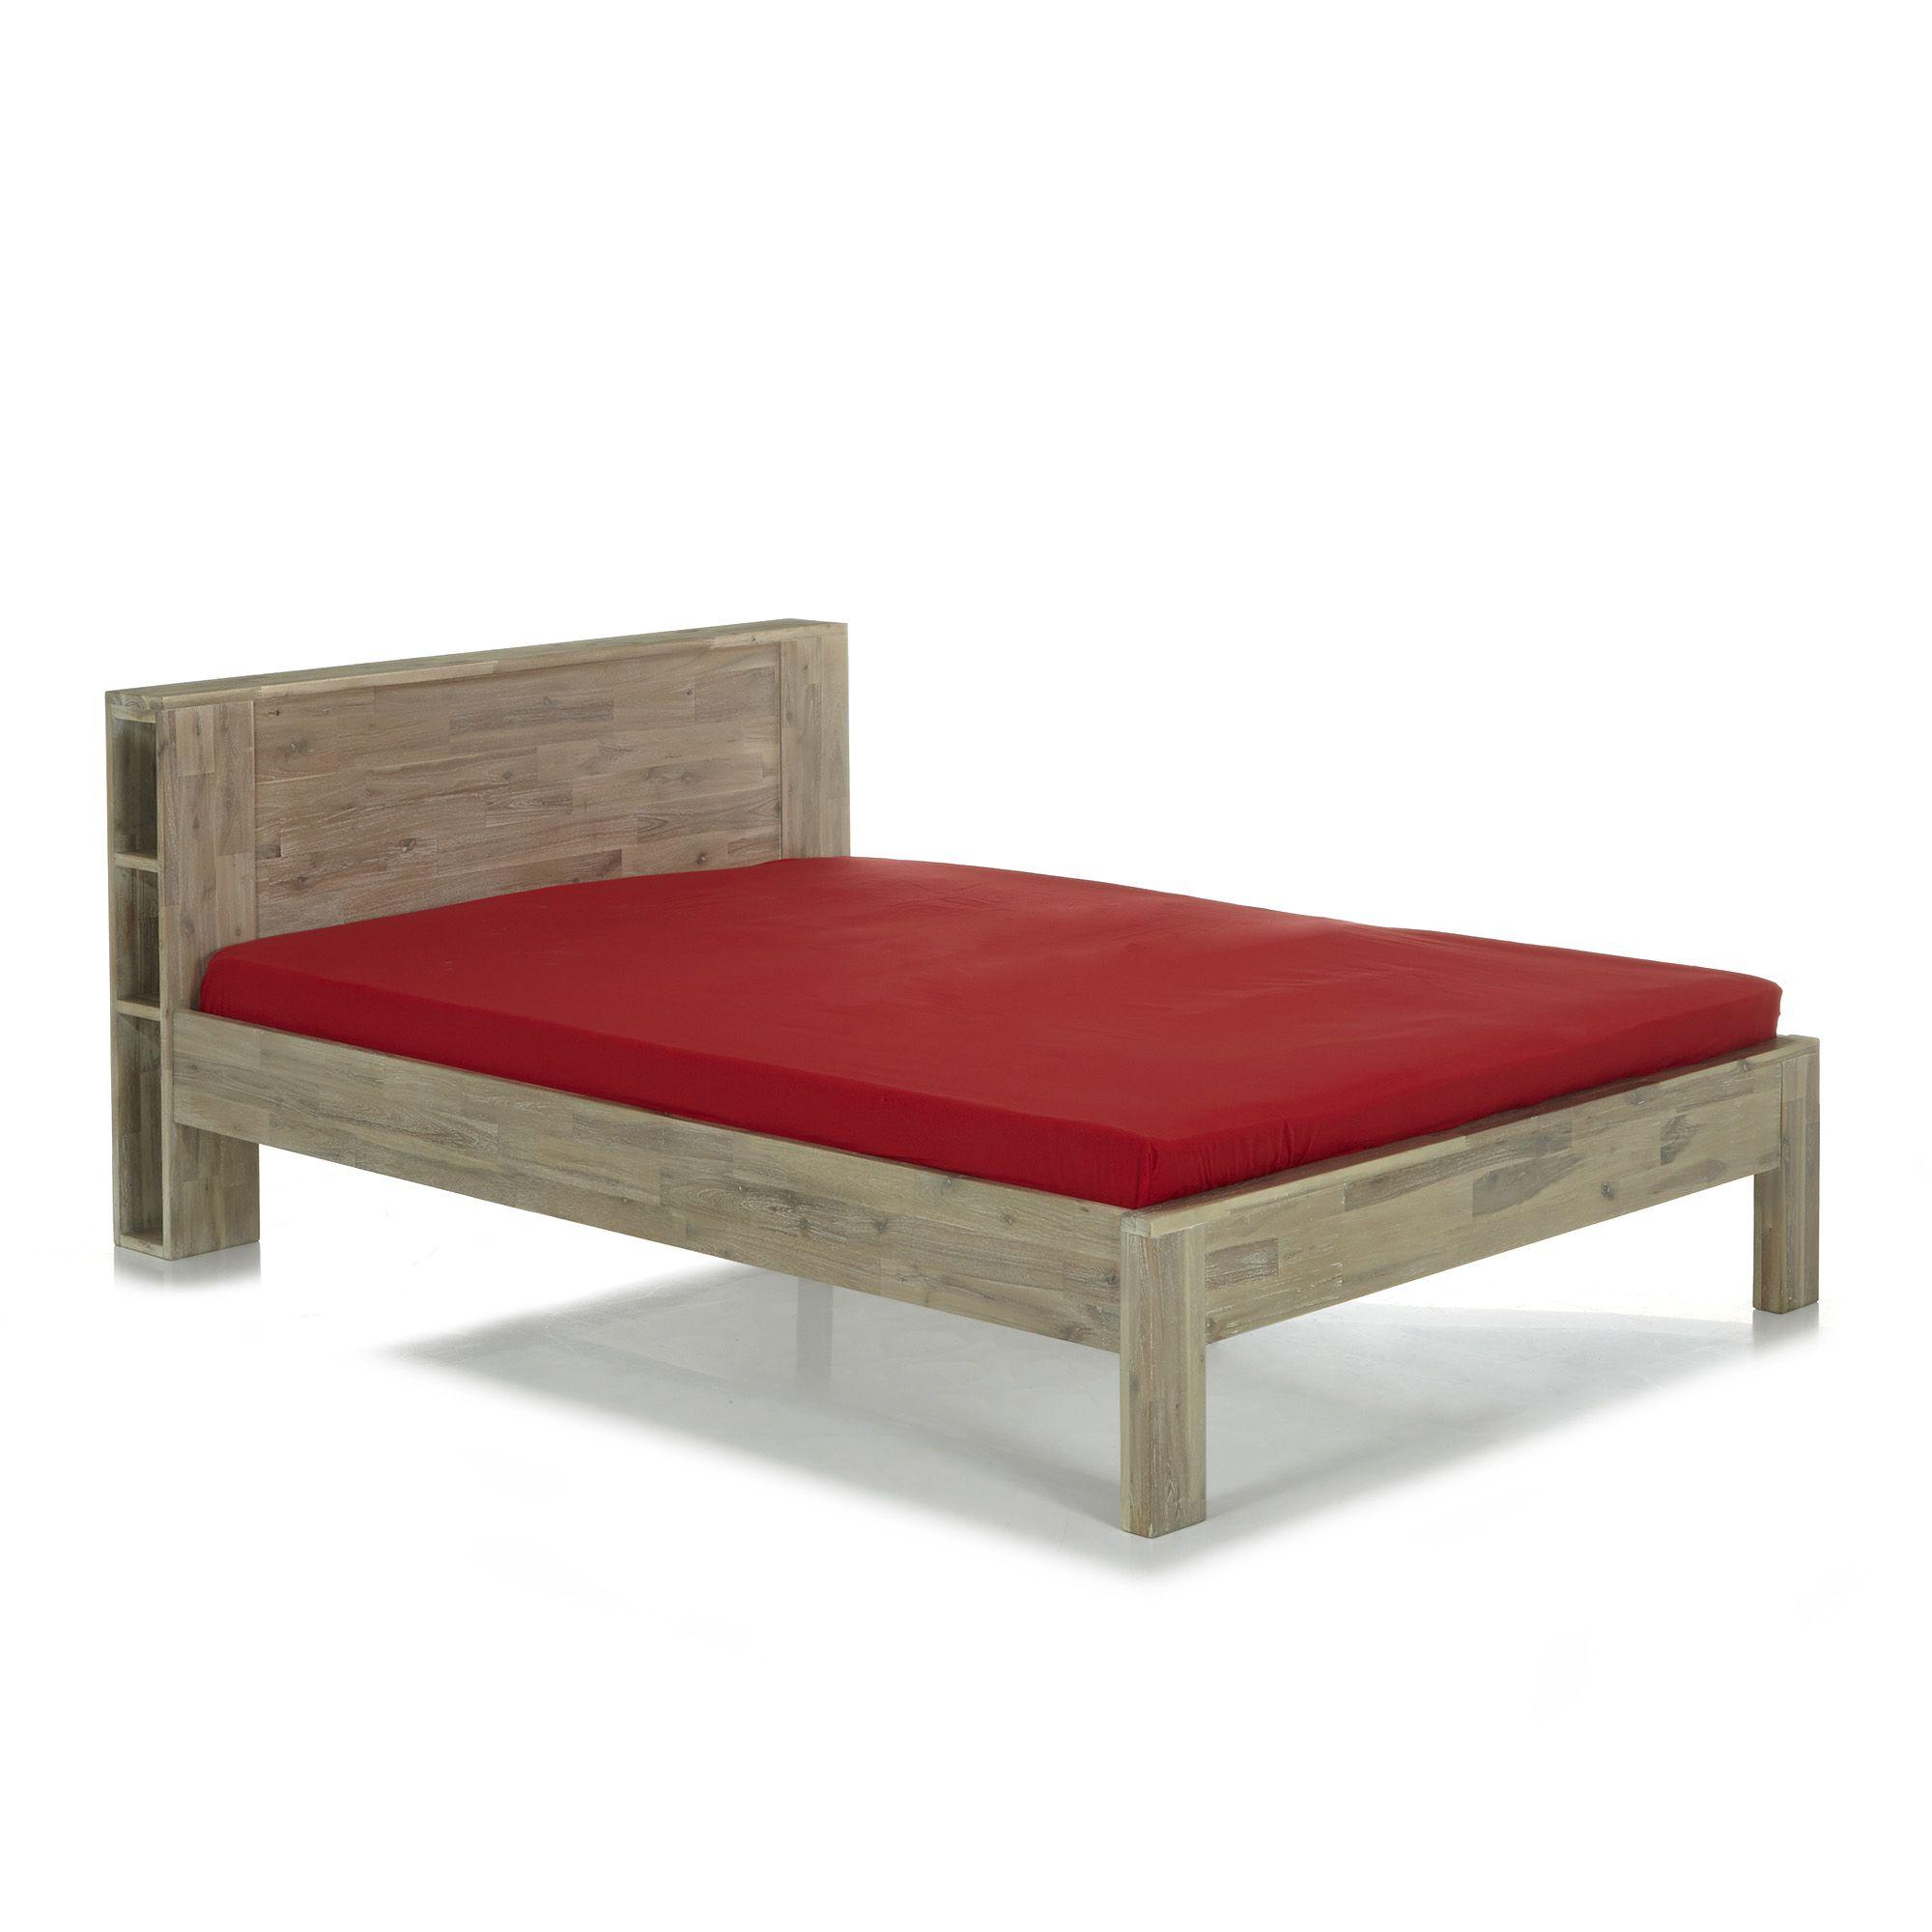 alin a montreal lit 2 places avec t te de lit en acacia 160x200cm pas cher achat vente. Black Bedroom Furniture Sets. Home Design Ideas